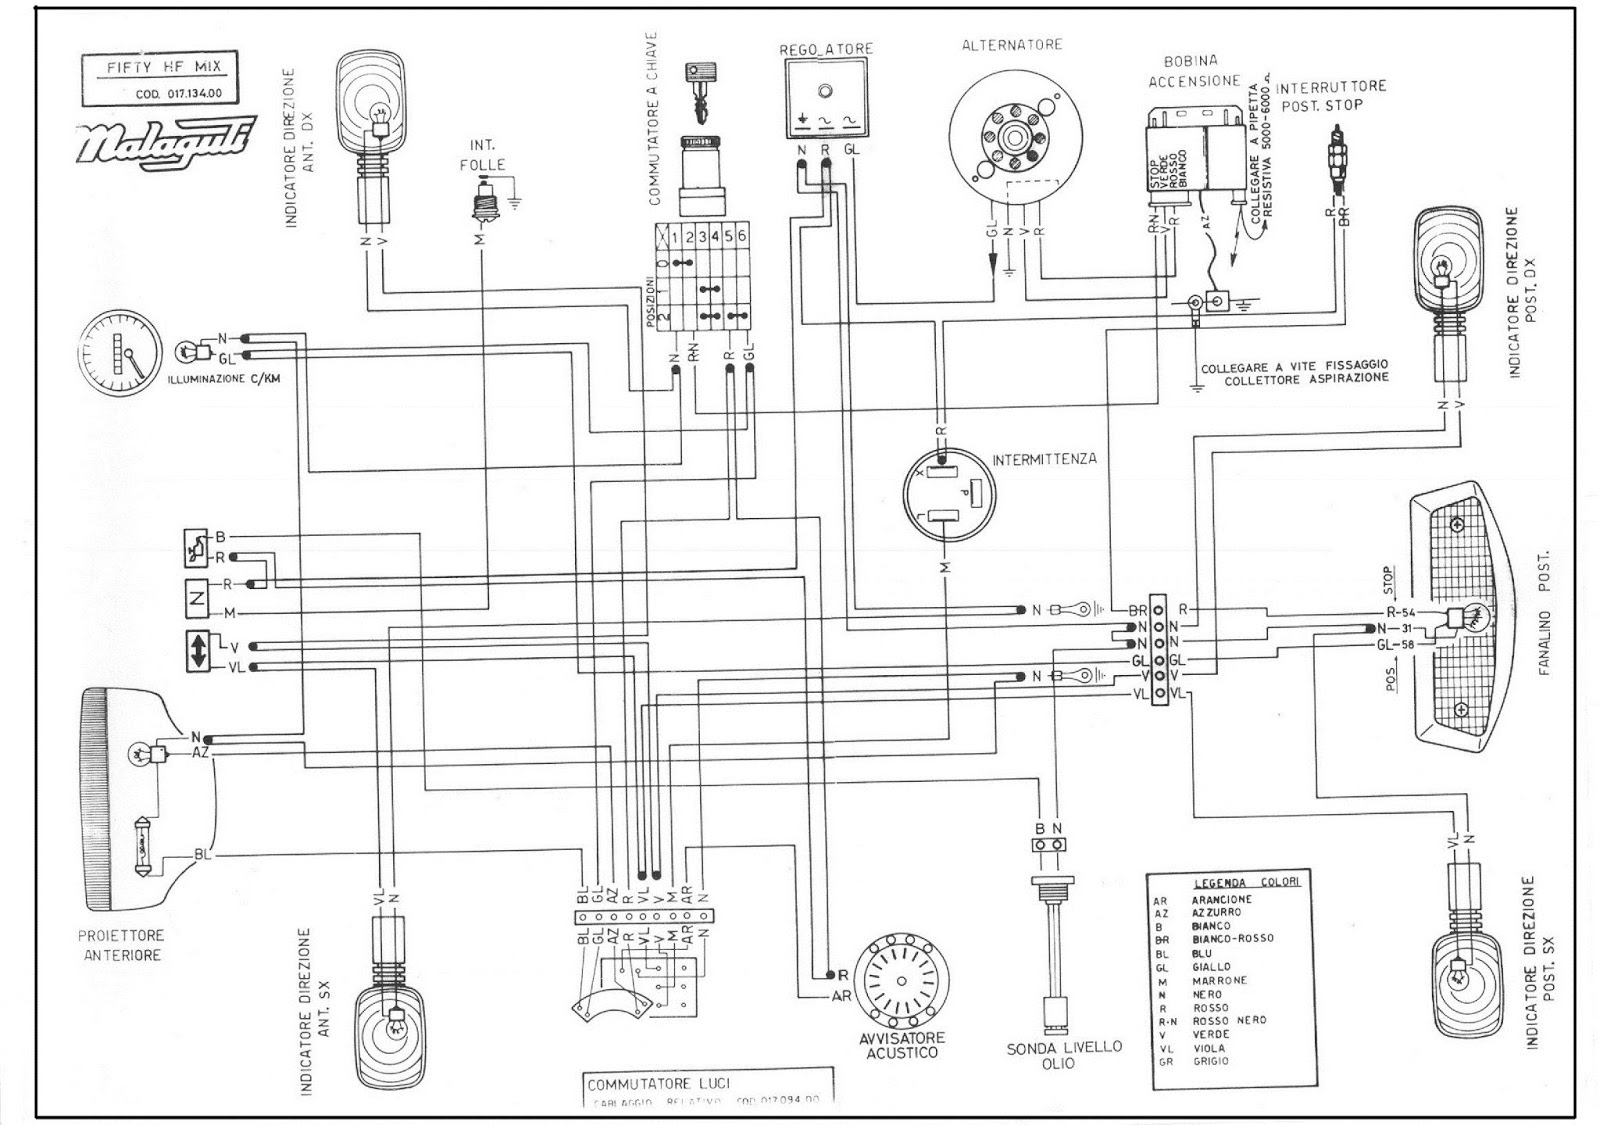 Schema Elettrico Trattore : Malaguti fifty schema elettrico hf